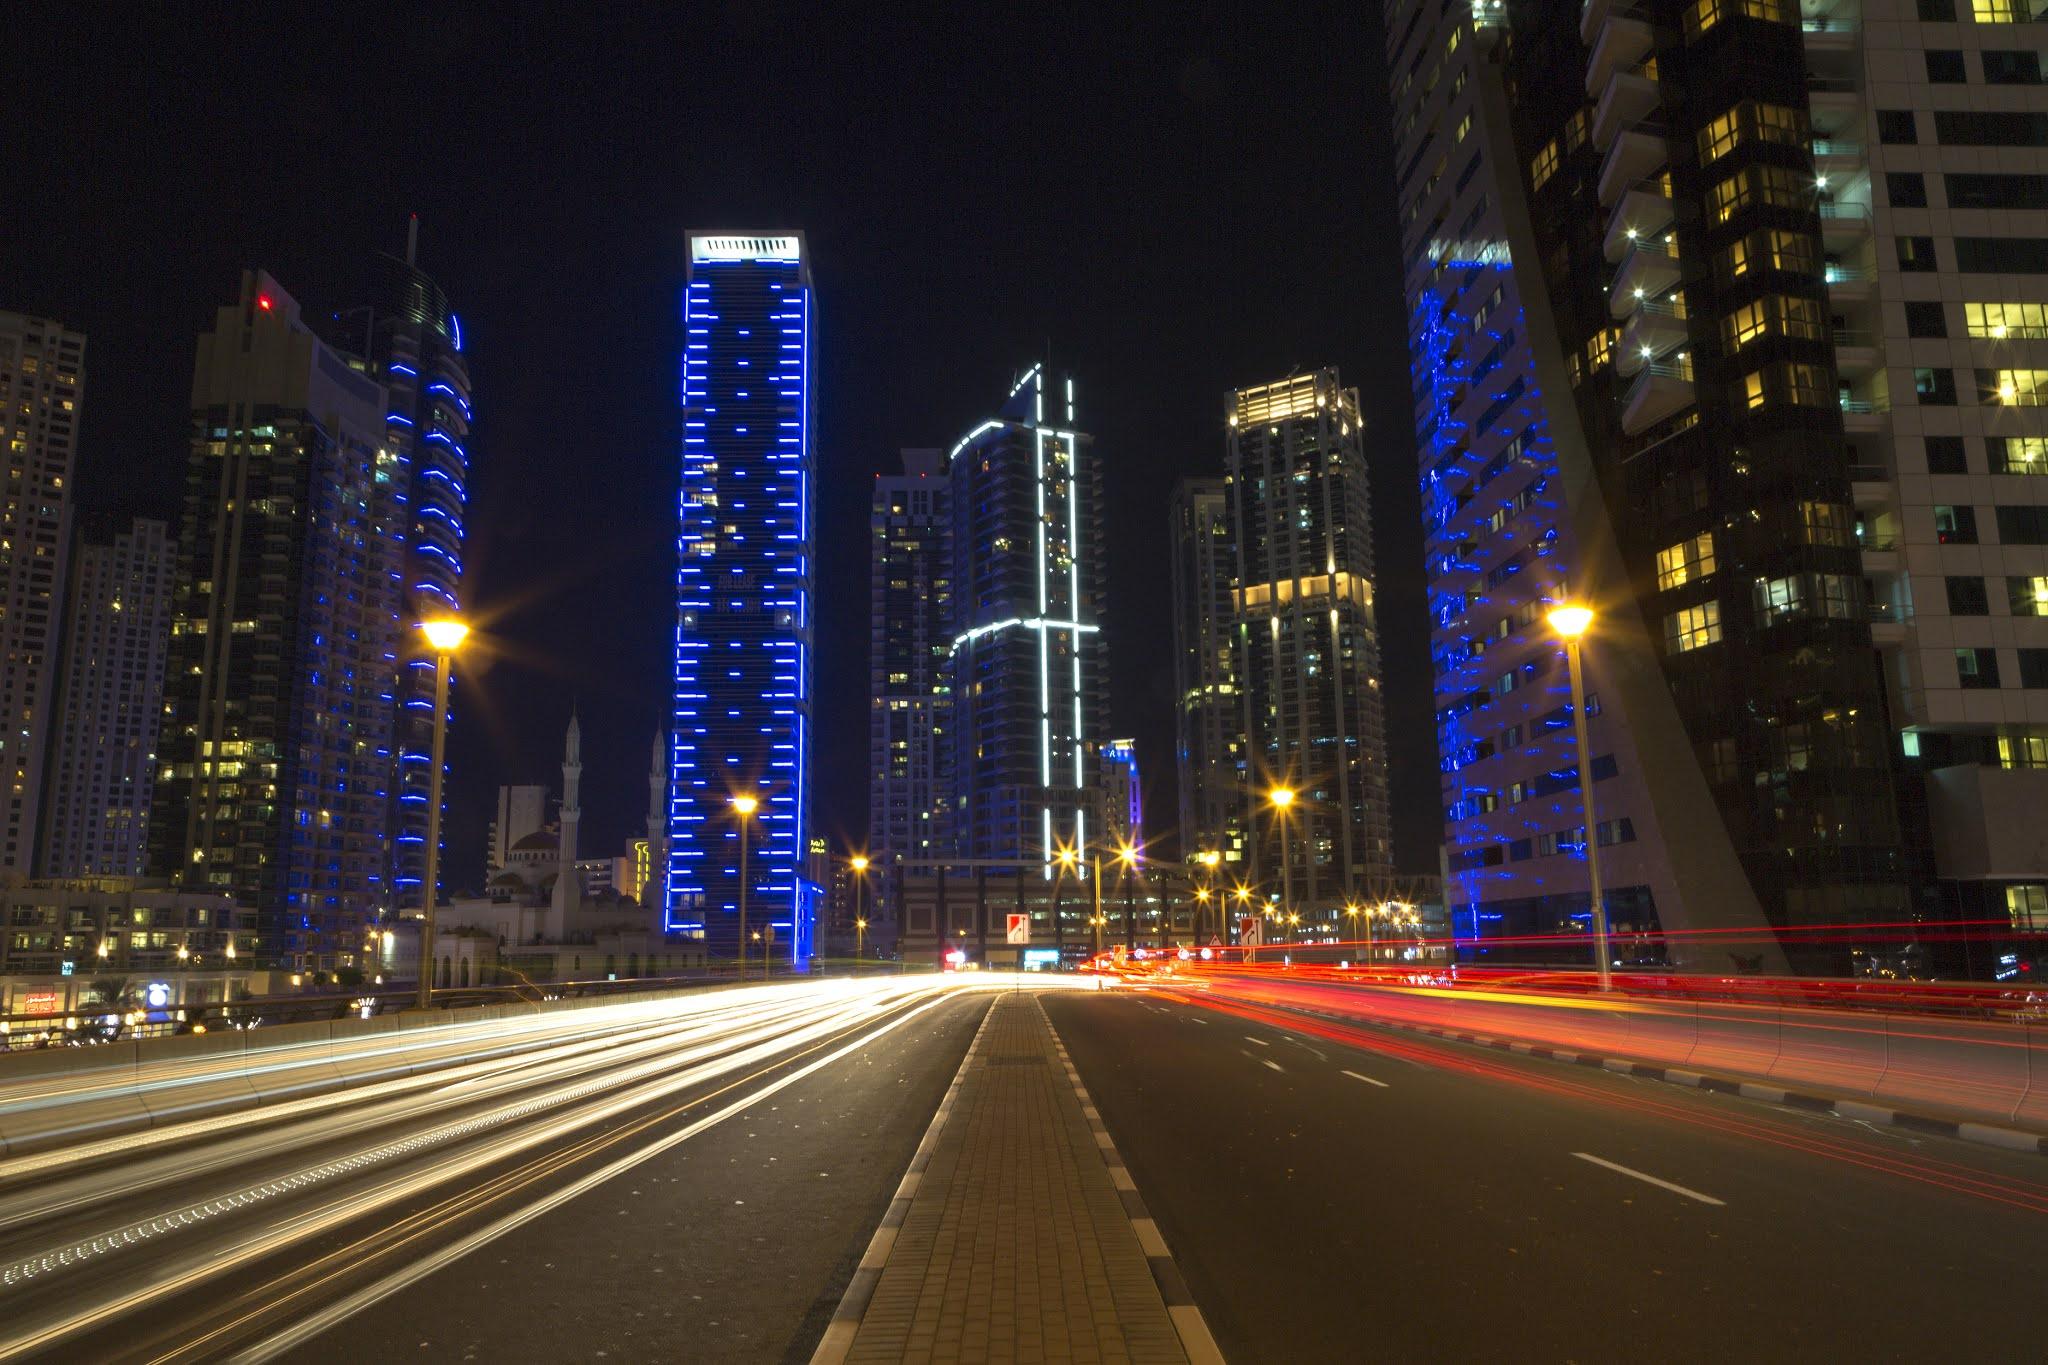 مبادرات الإمارات الرائدة تدعم تعزيز الاستدامة البيئية في قطاع النقل البري